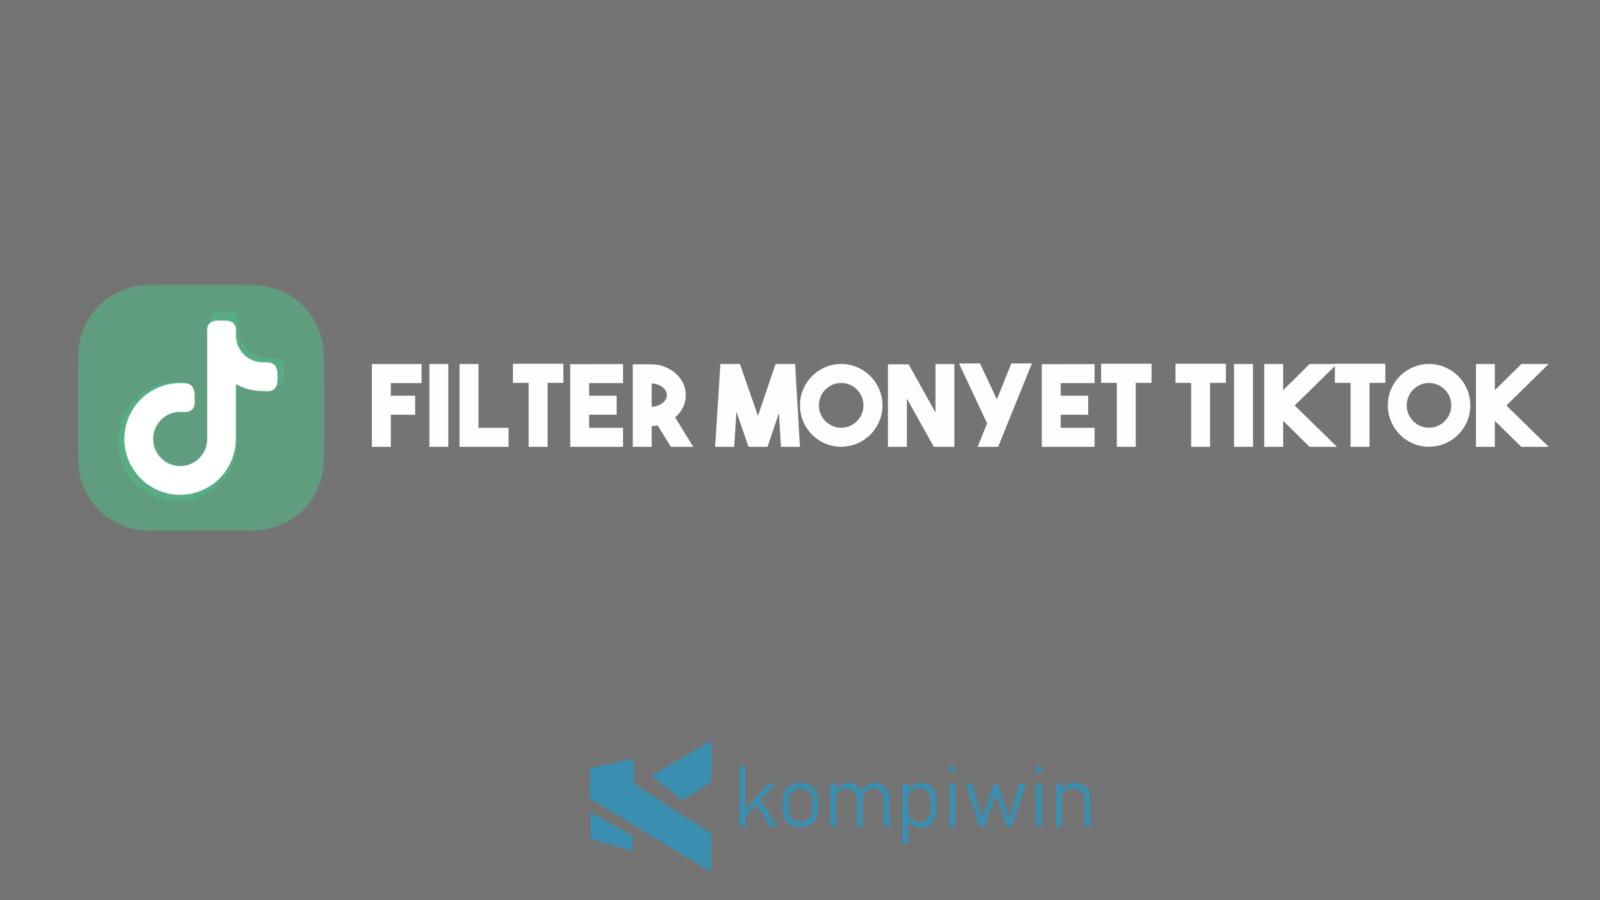 Filter Monyet Tiktok 7